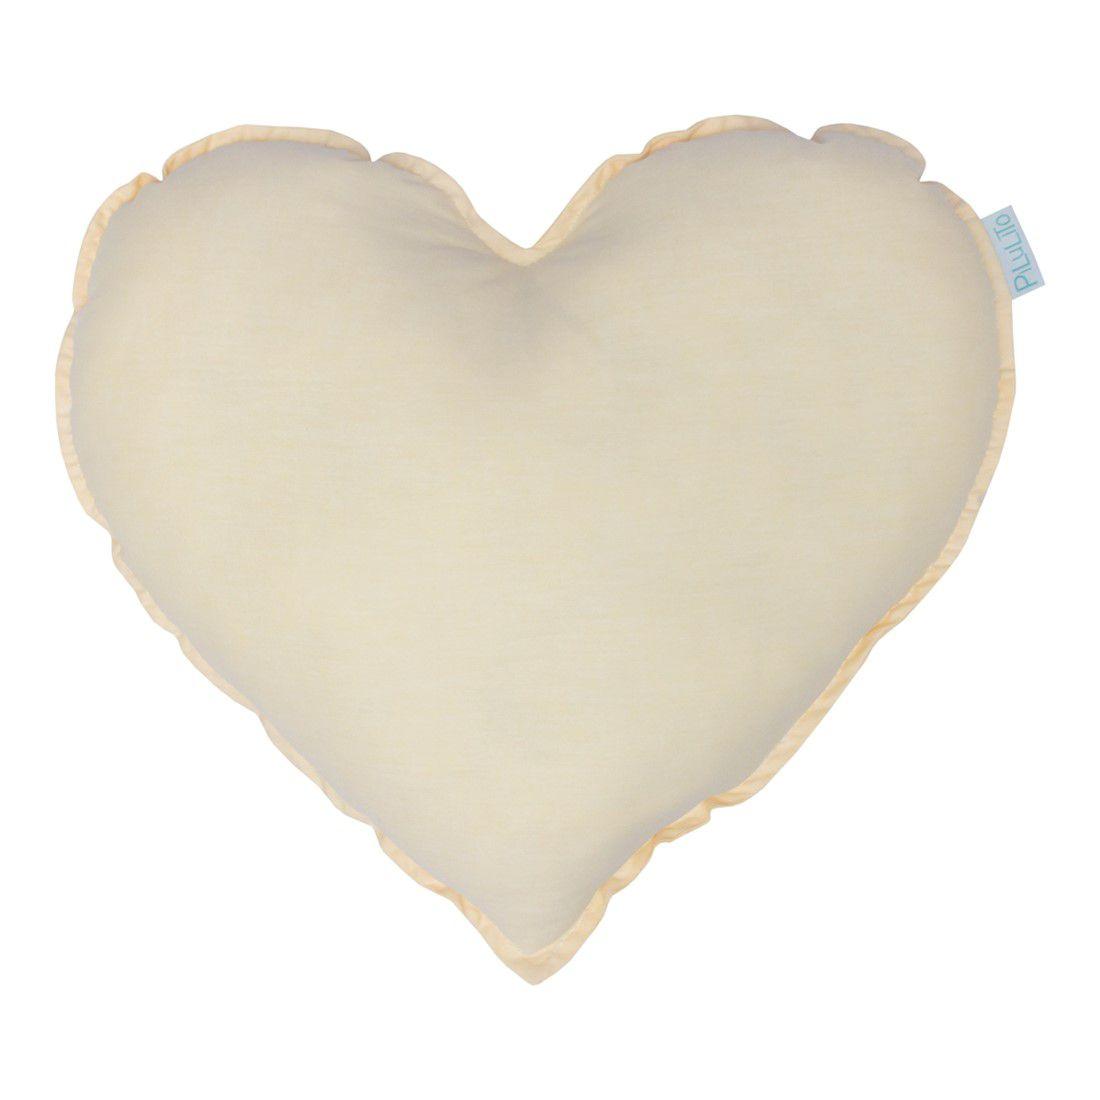 Almofada coração amarelo suave